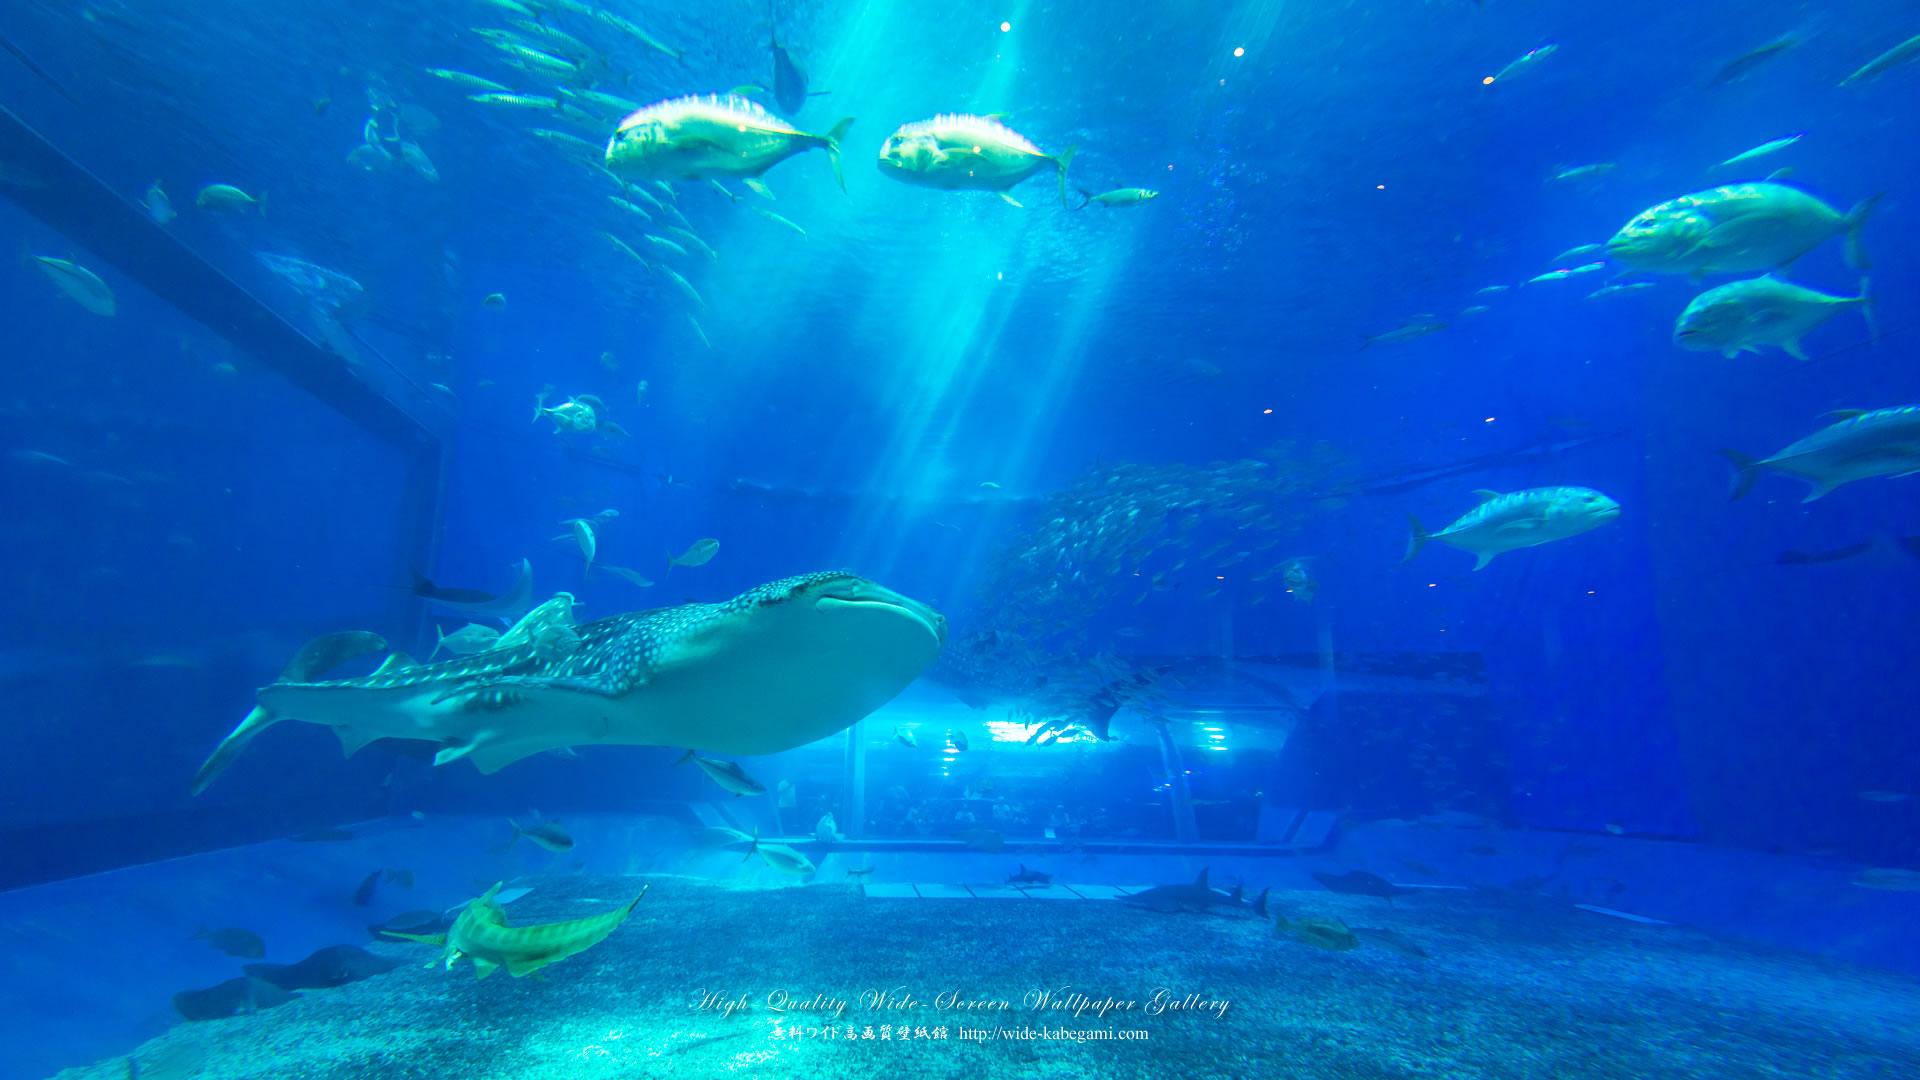 自然風景のワイド壁紙 19x1080 沖縄 美ら海水族館 4 無料ワイド高画質壁紙館